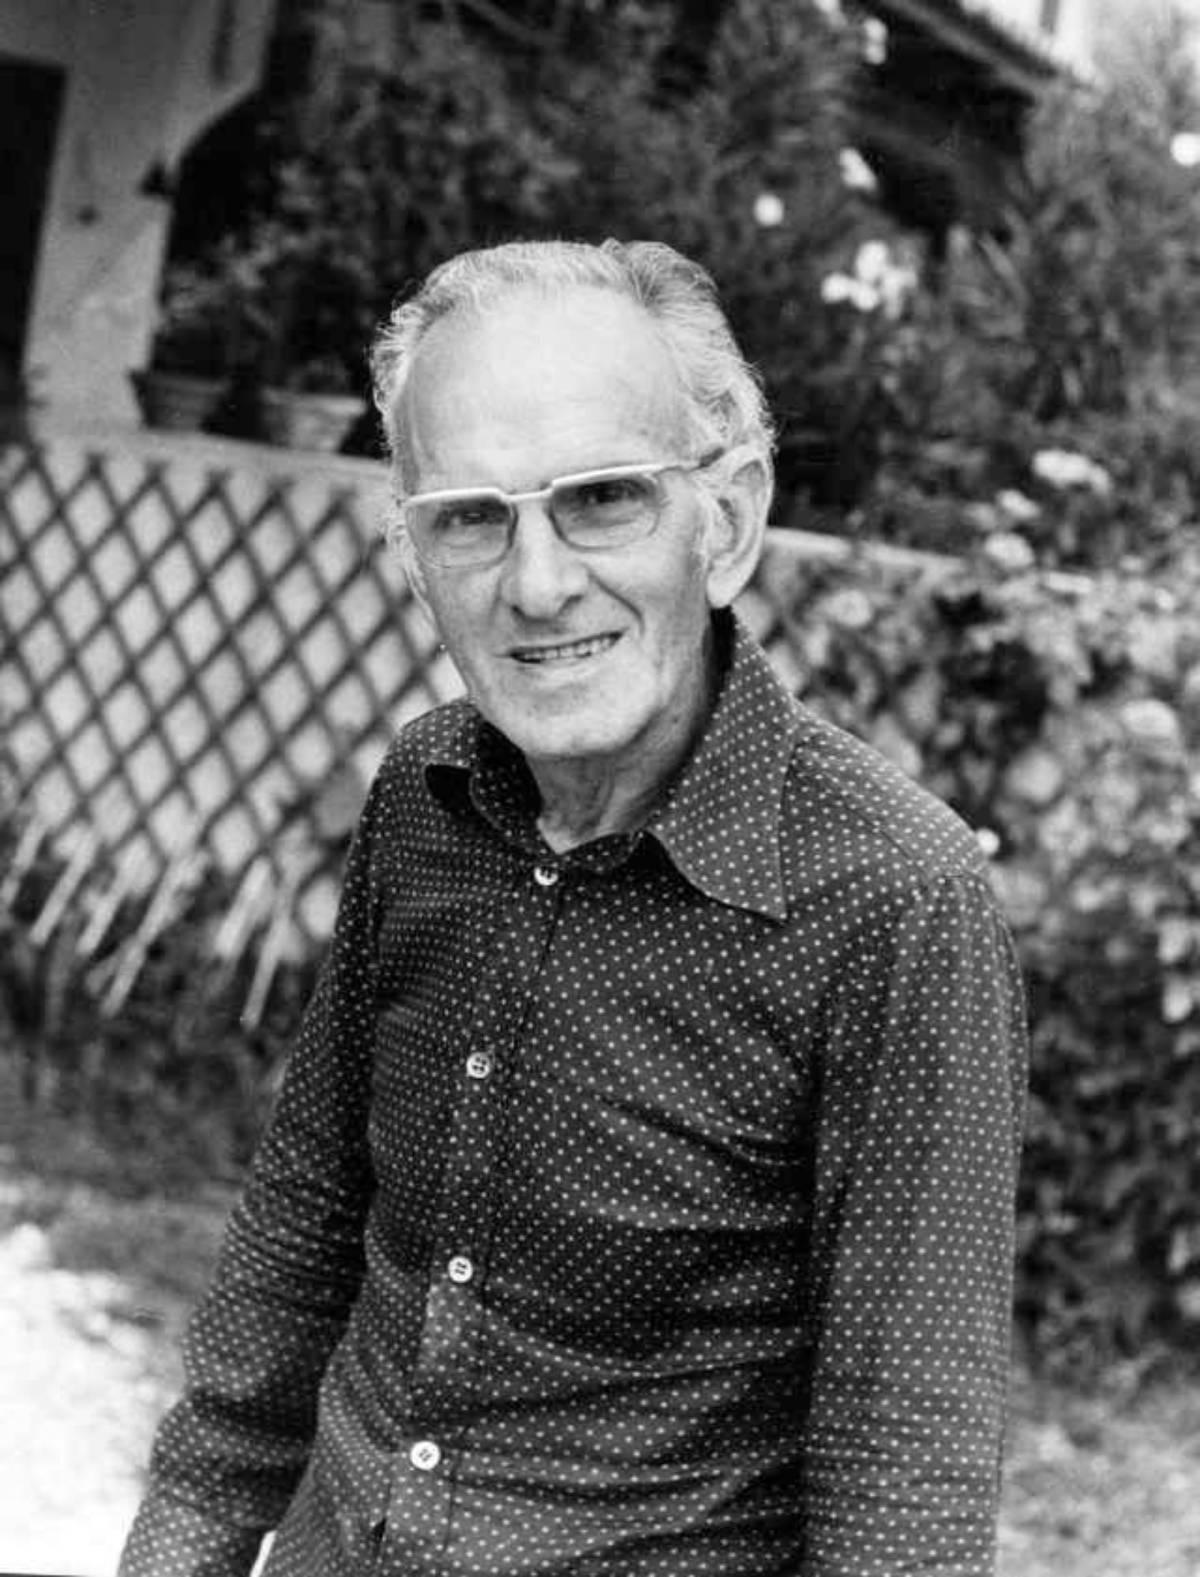 Bruno Amadio Giovanni Bragolin